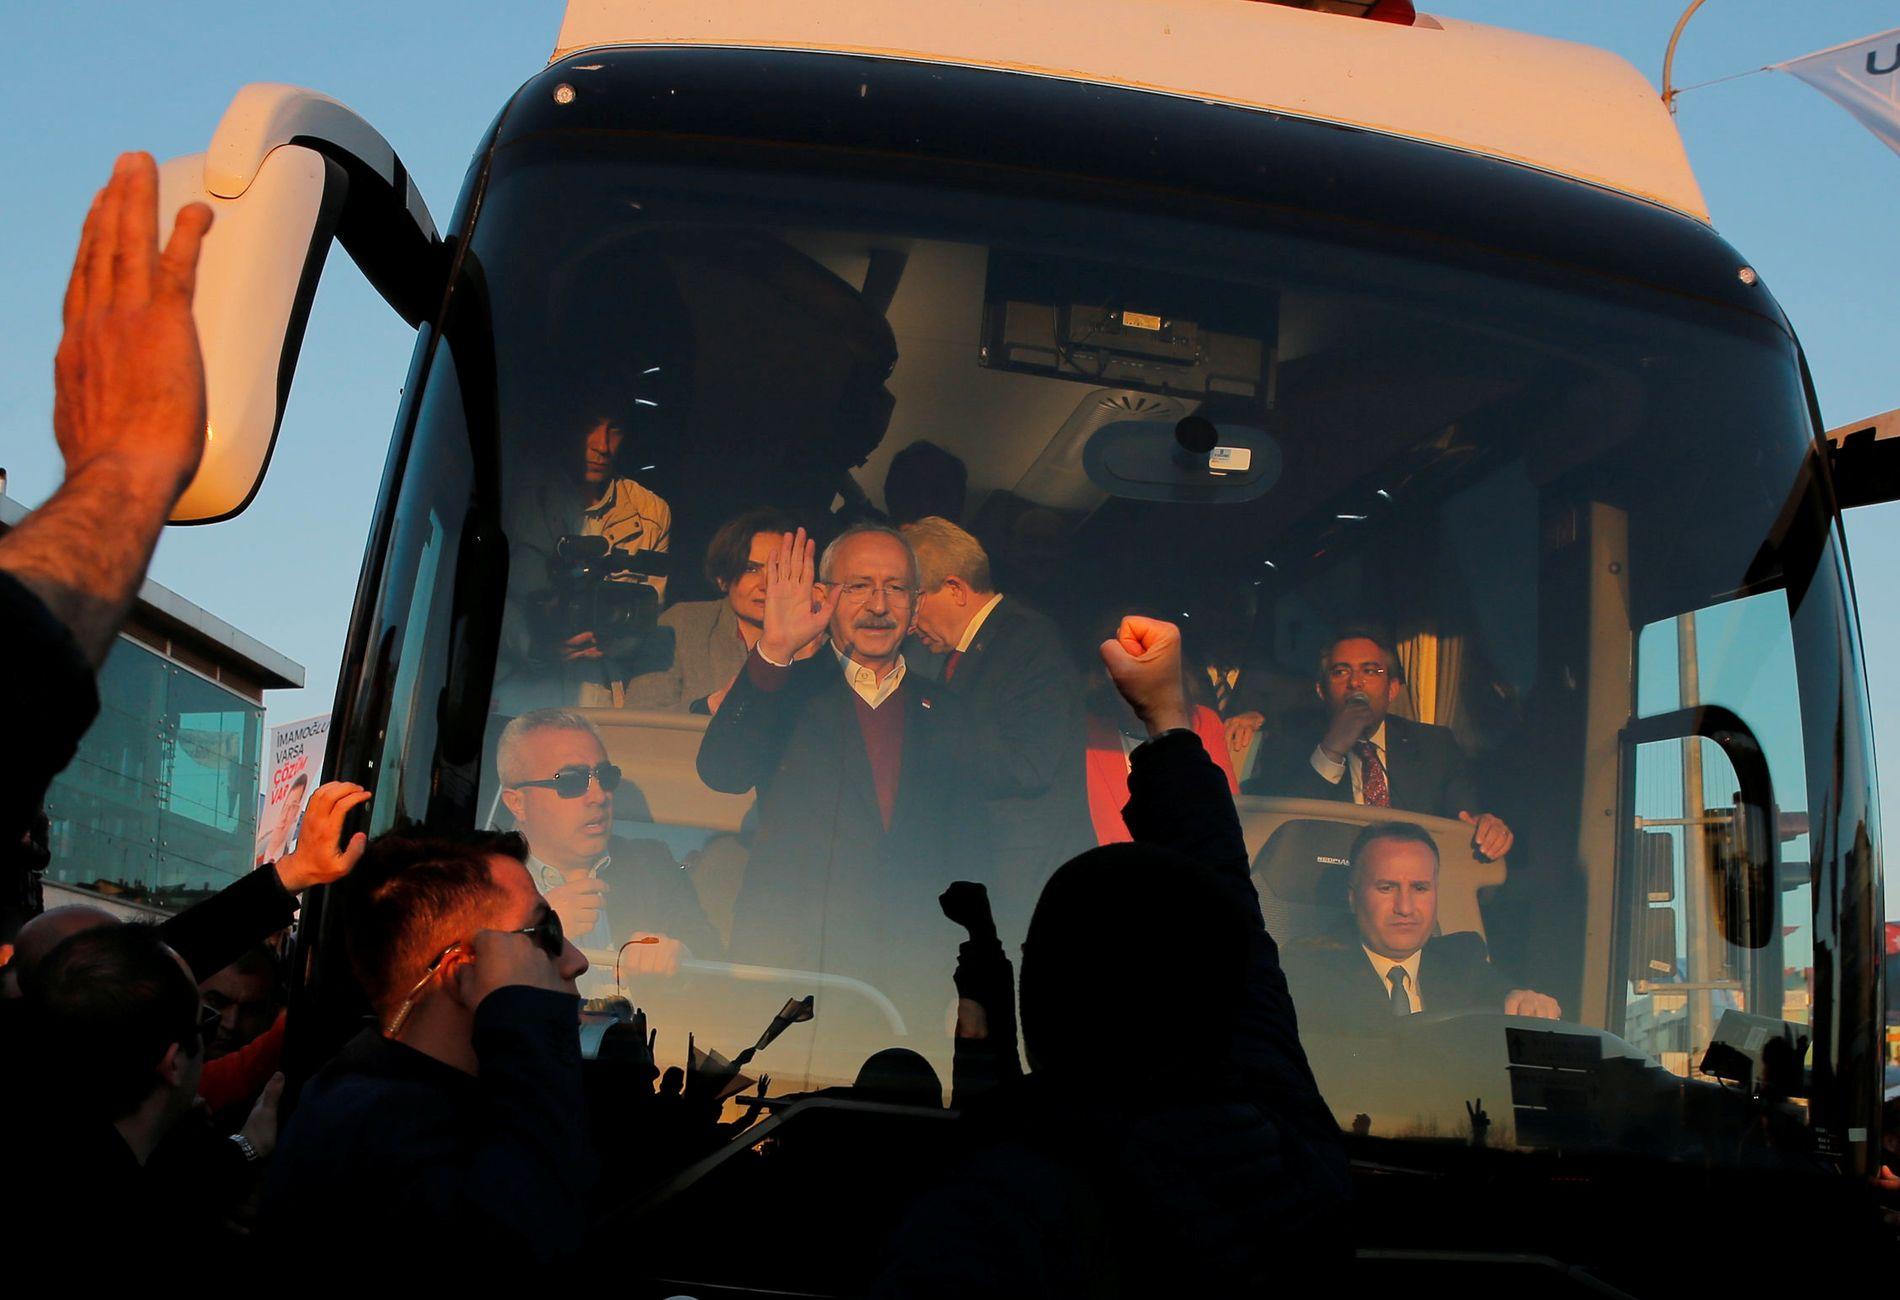 SAMLER STØTTE: Opposisjonsleder Kemal Kilicdaroglu i CHP får jevnt rundt en fjerdedel av stemmene. Men det er ikke nok til å stanse Erdogan.